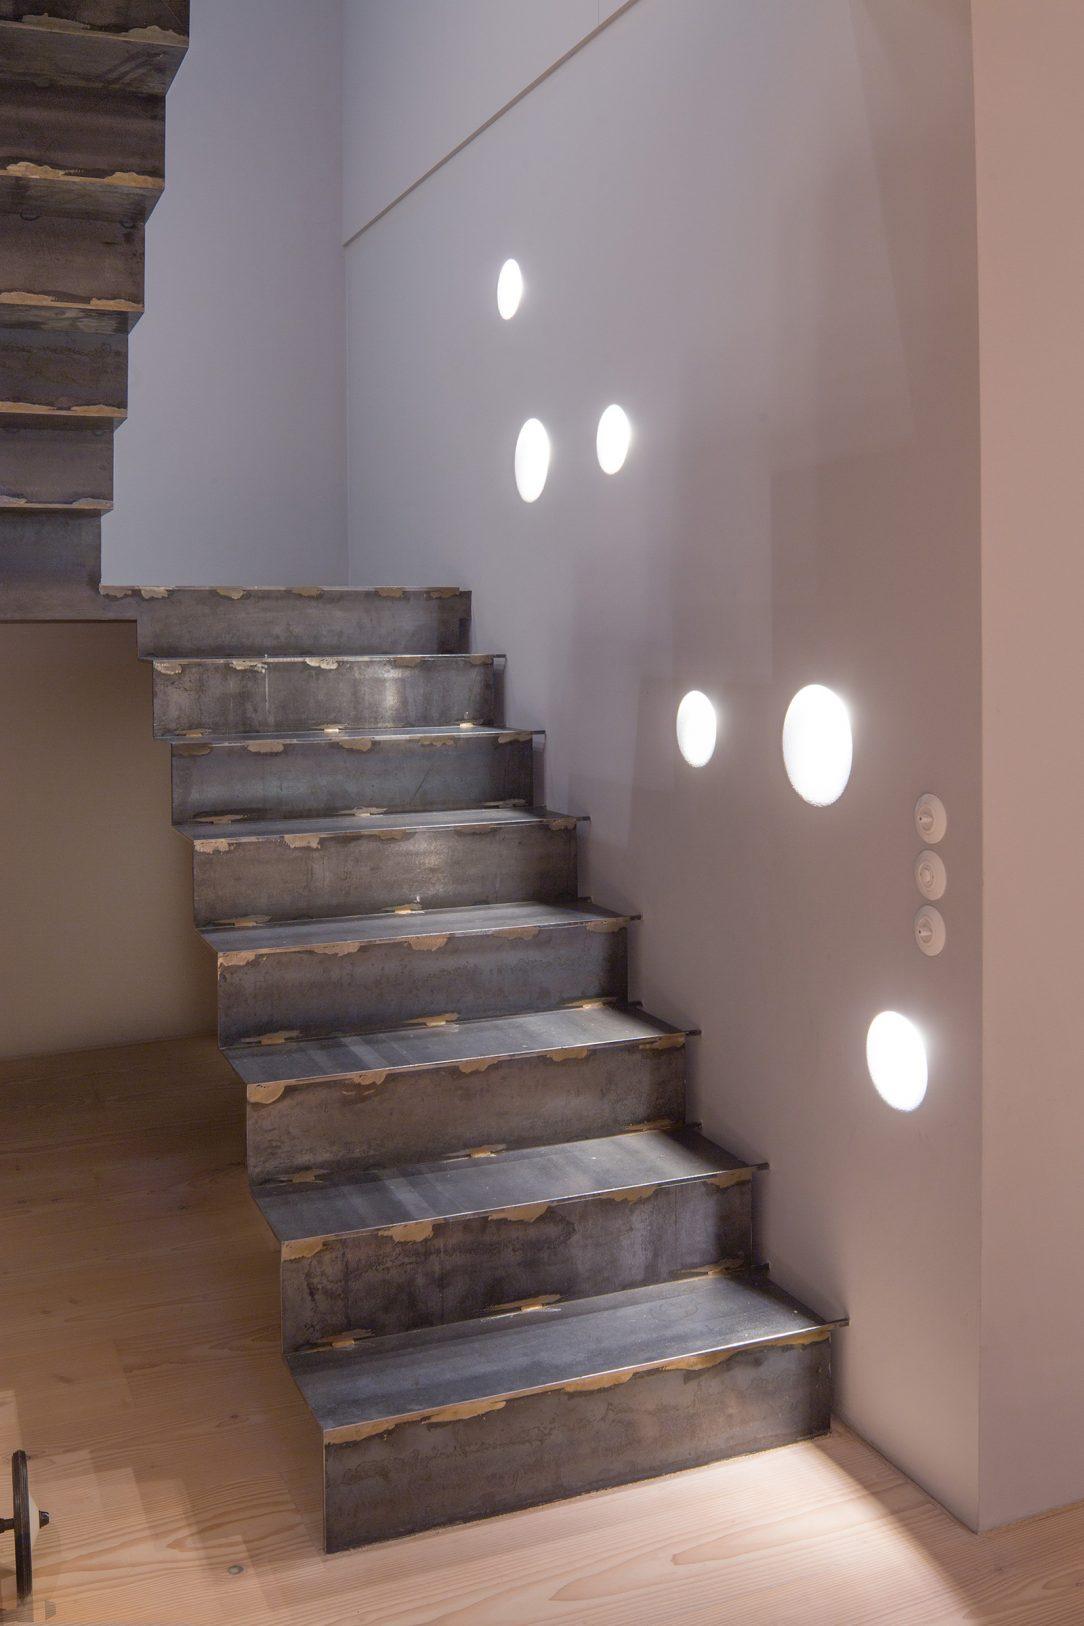 hlavné schodisko je zo surovej ocele